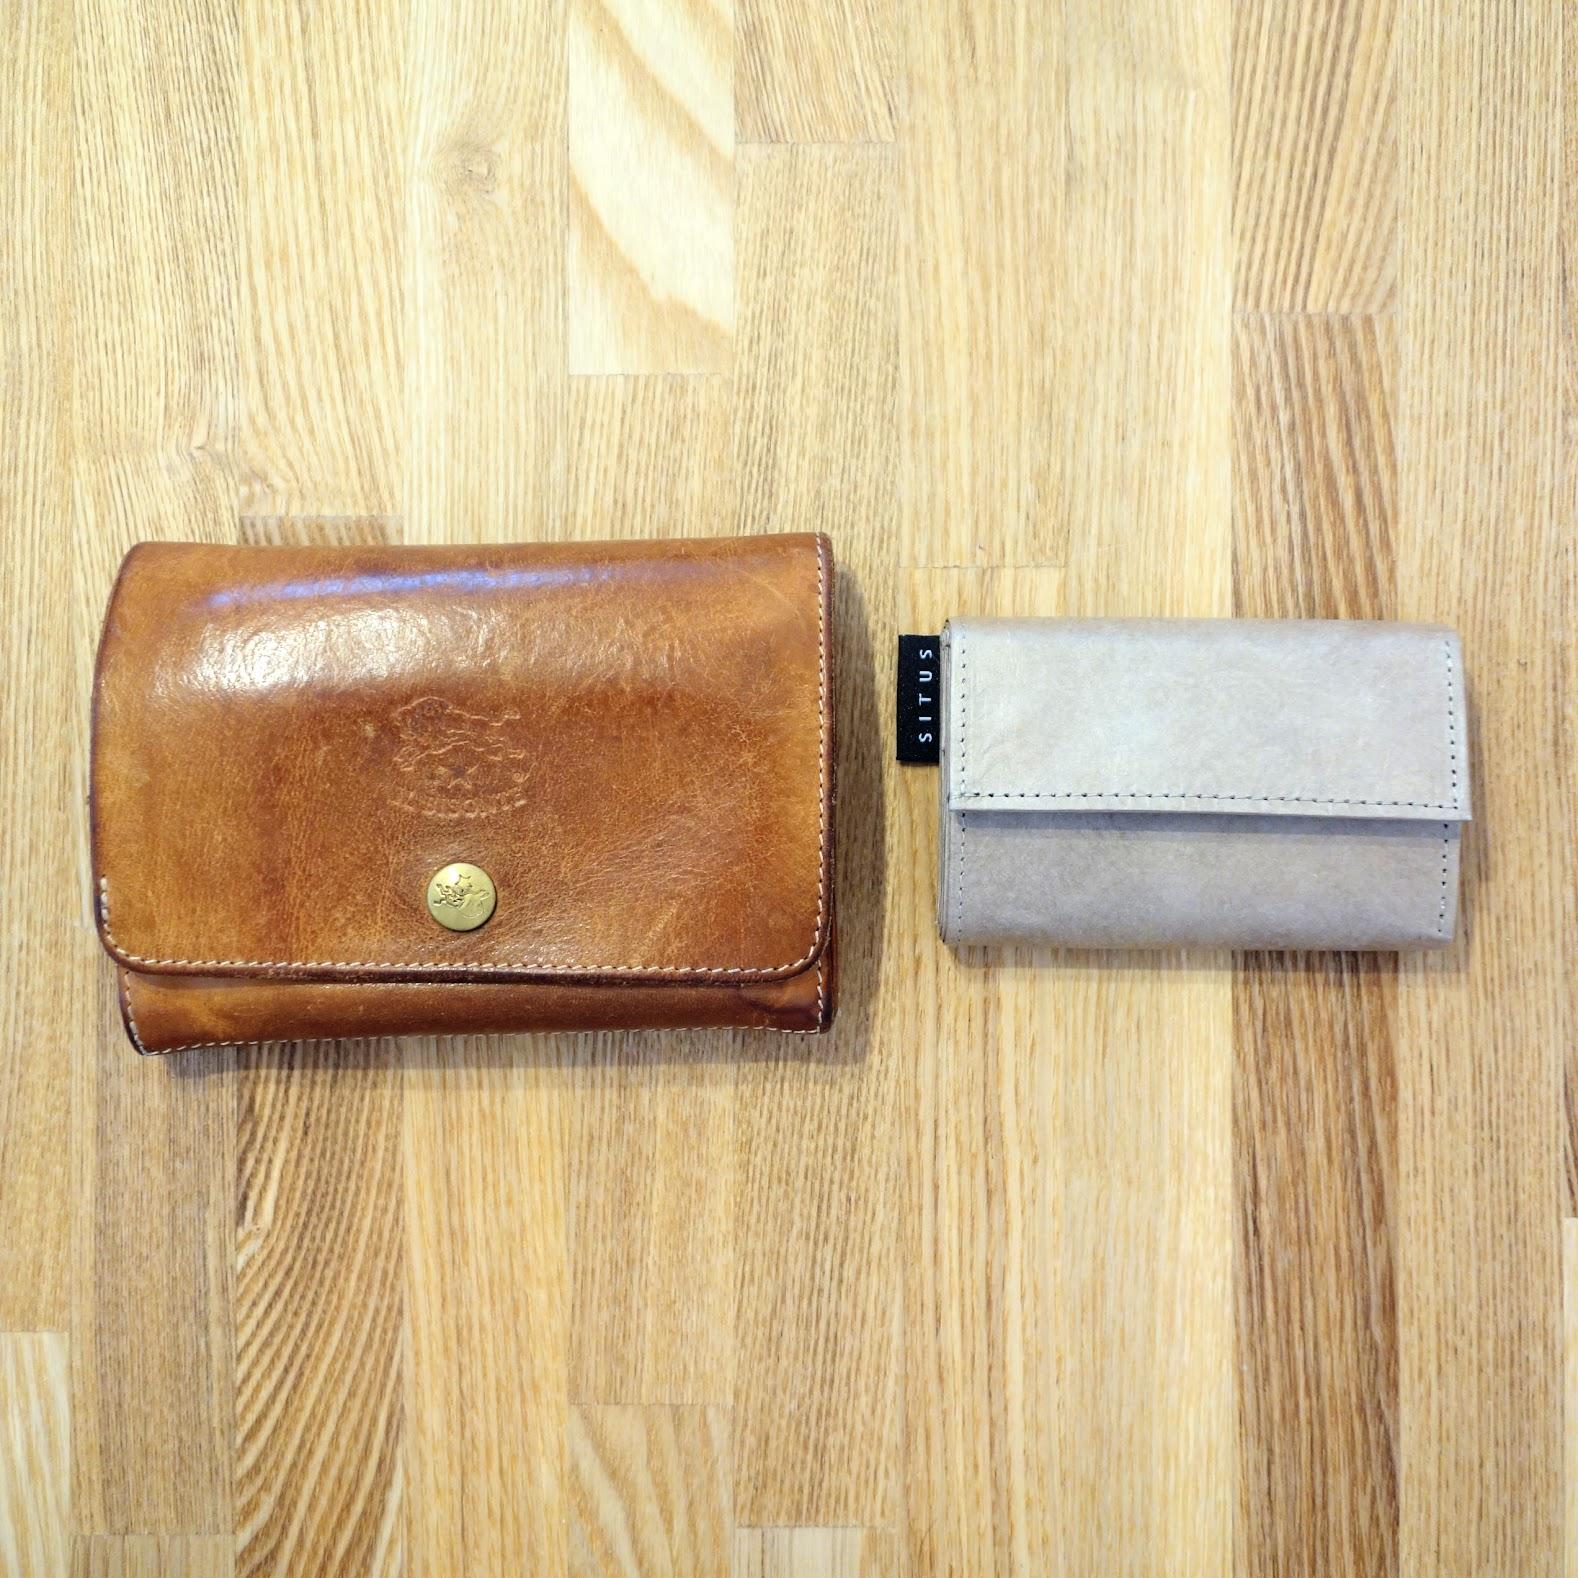 SITUS ミニマリストウォレット 革の財布との比較